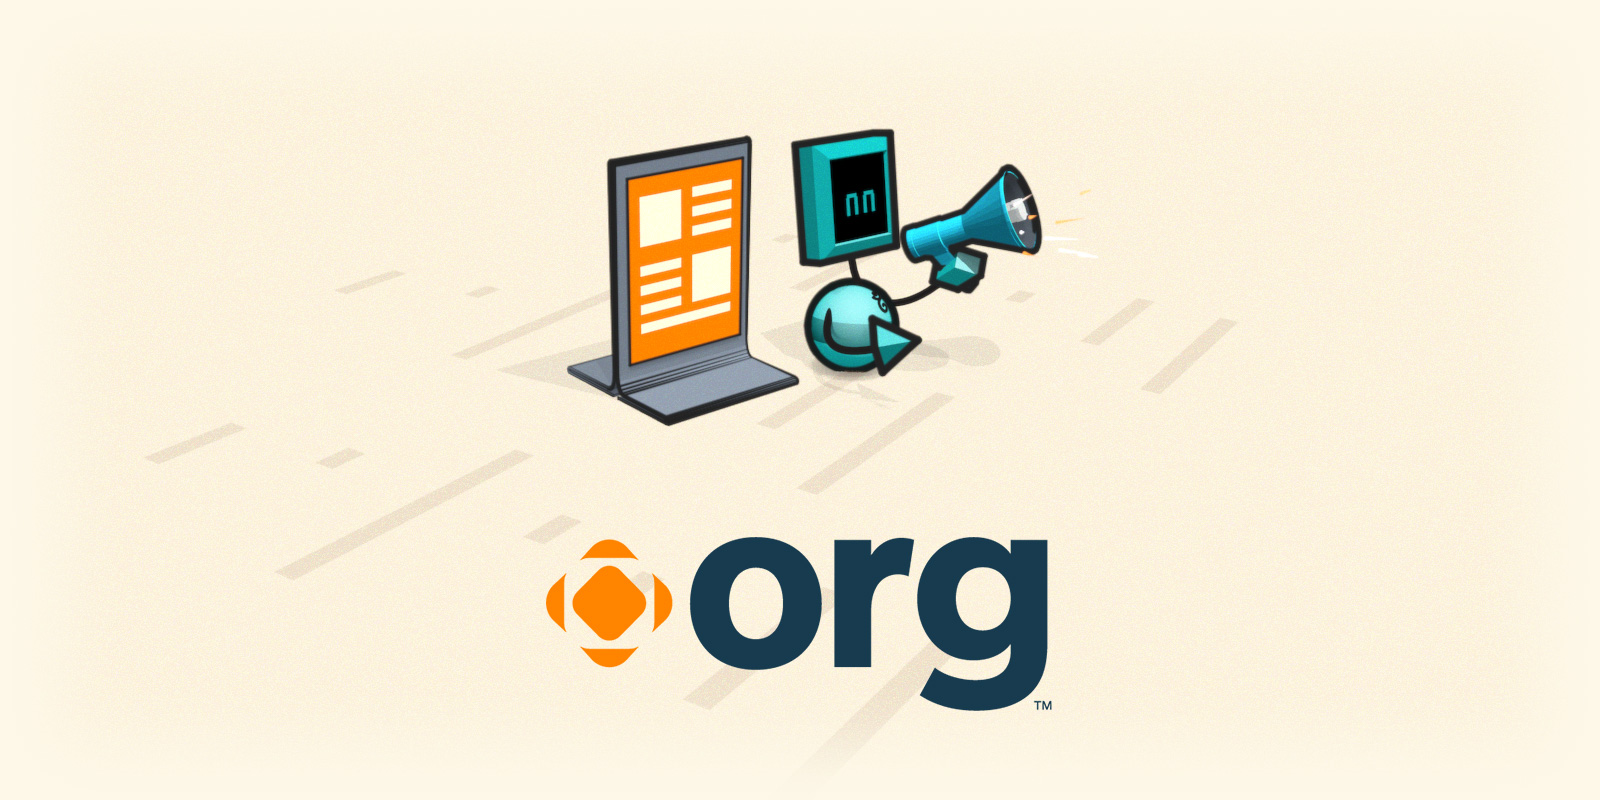 為您的組織或機構註冊一個 .ORG 域名